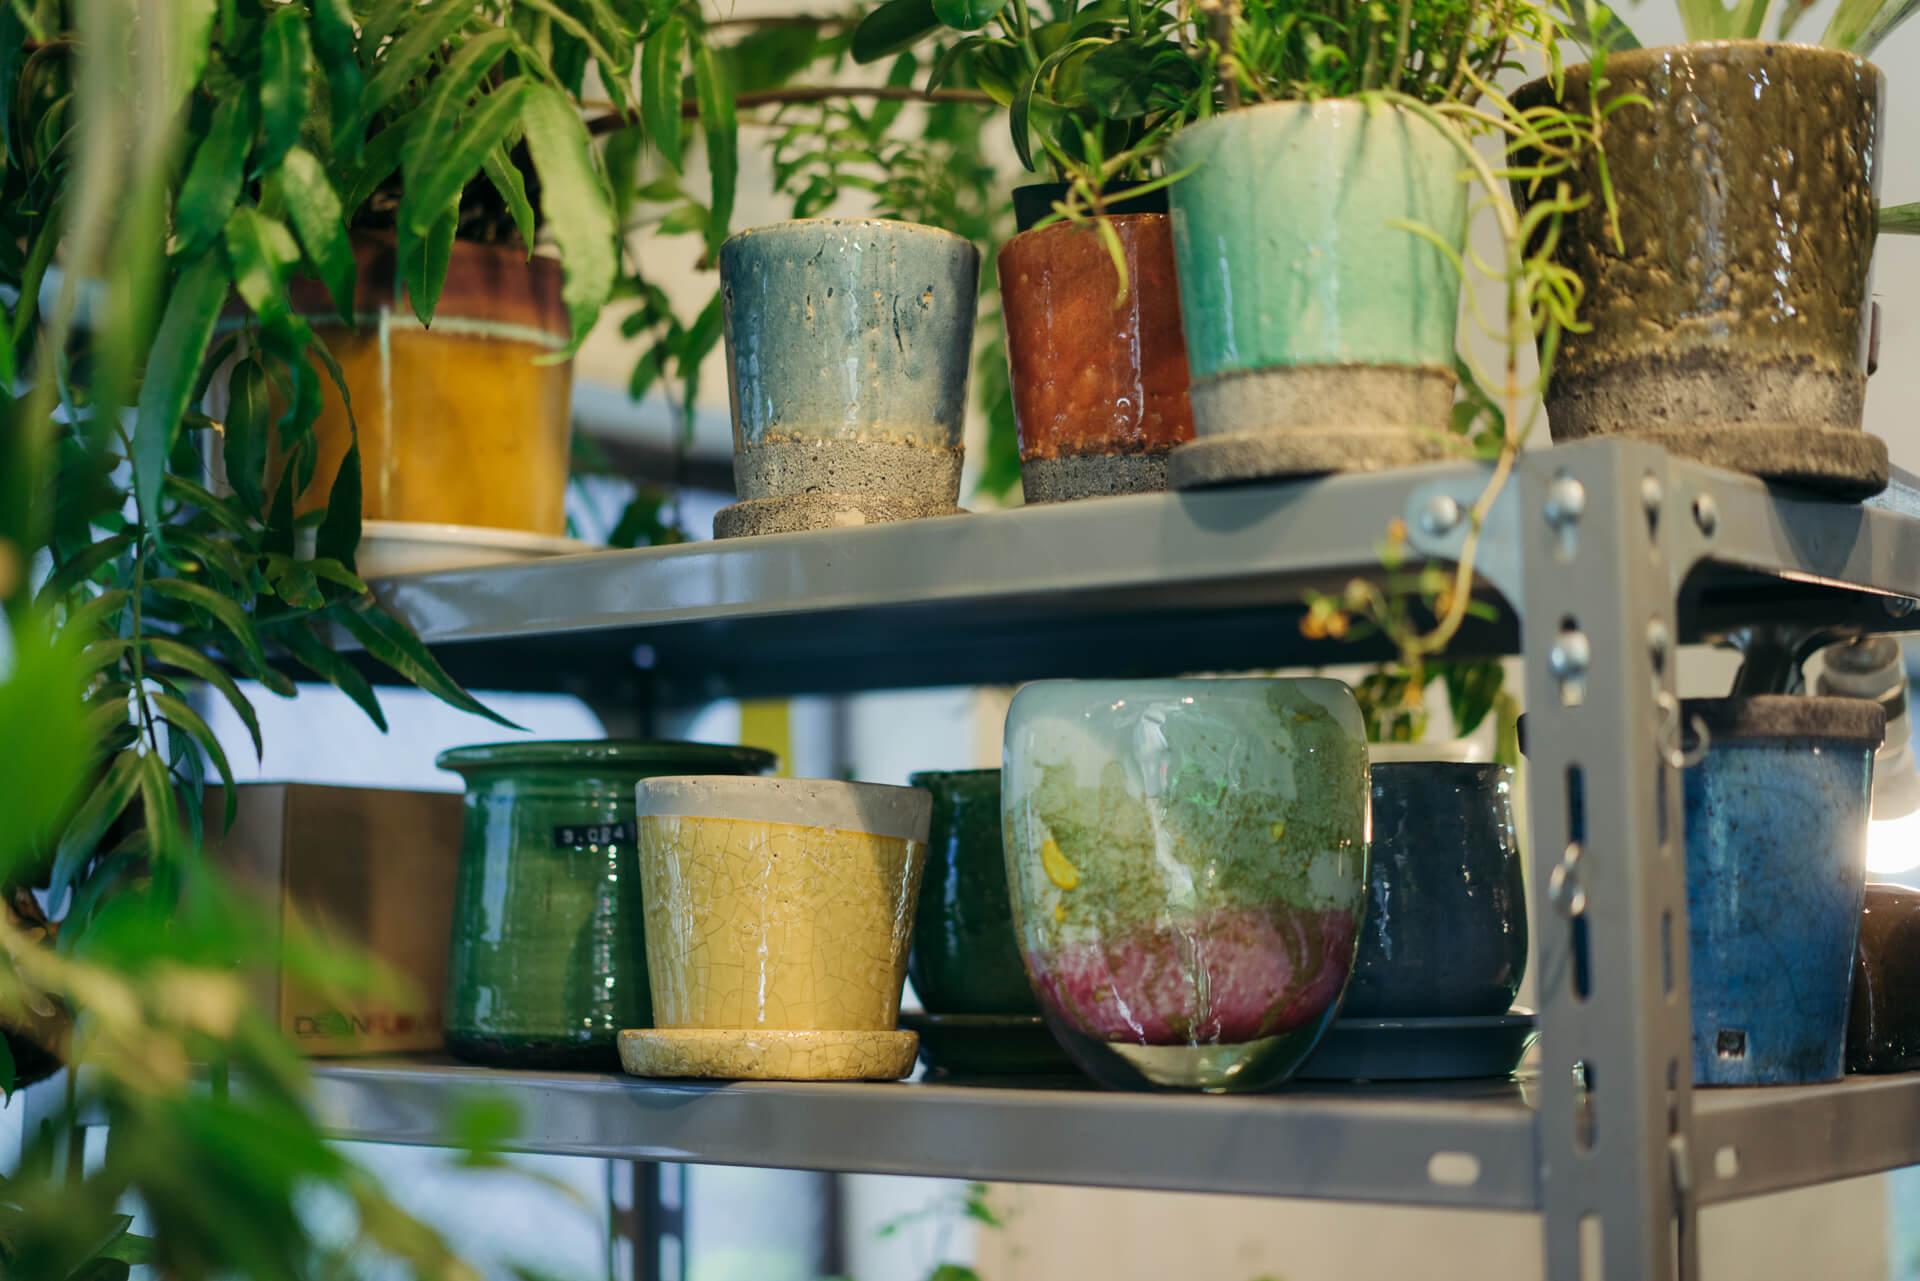 Henry Dean、DOMANIなどの、ちょっと個性的な鉢や鉢カバーも扱います。器に植え込んでいただくこともできるそう。